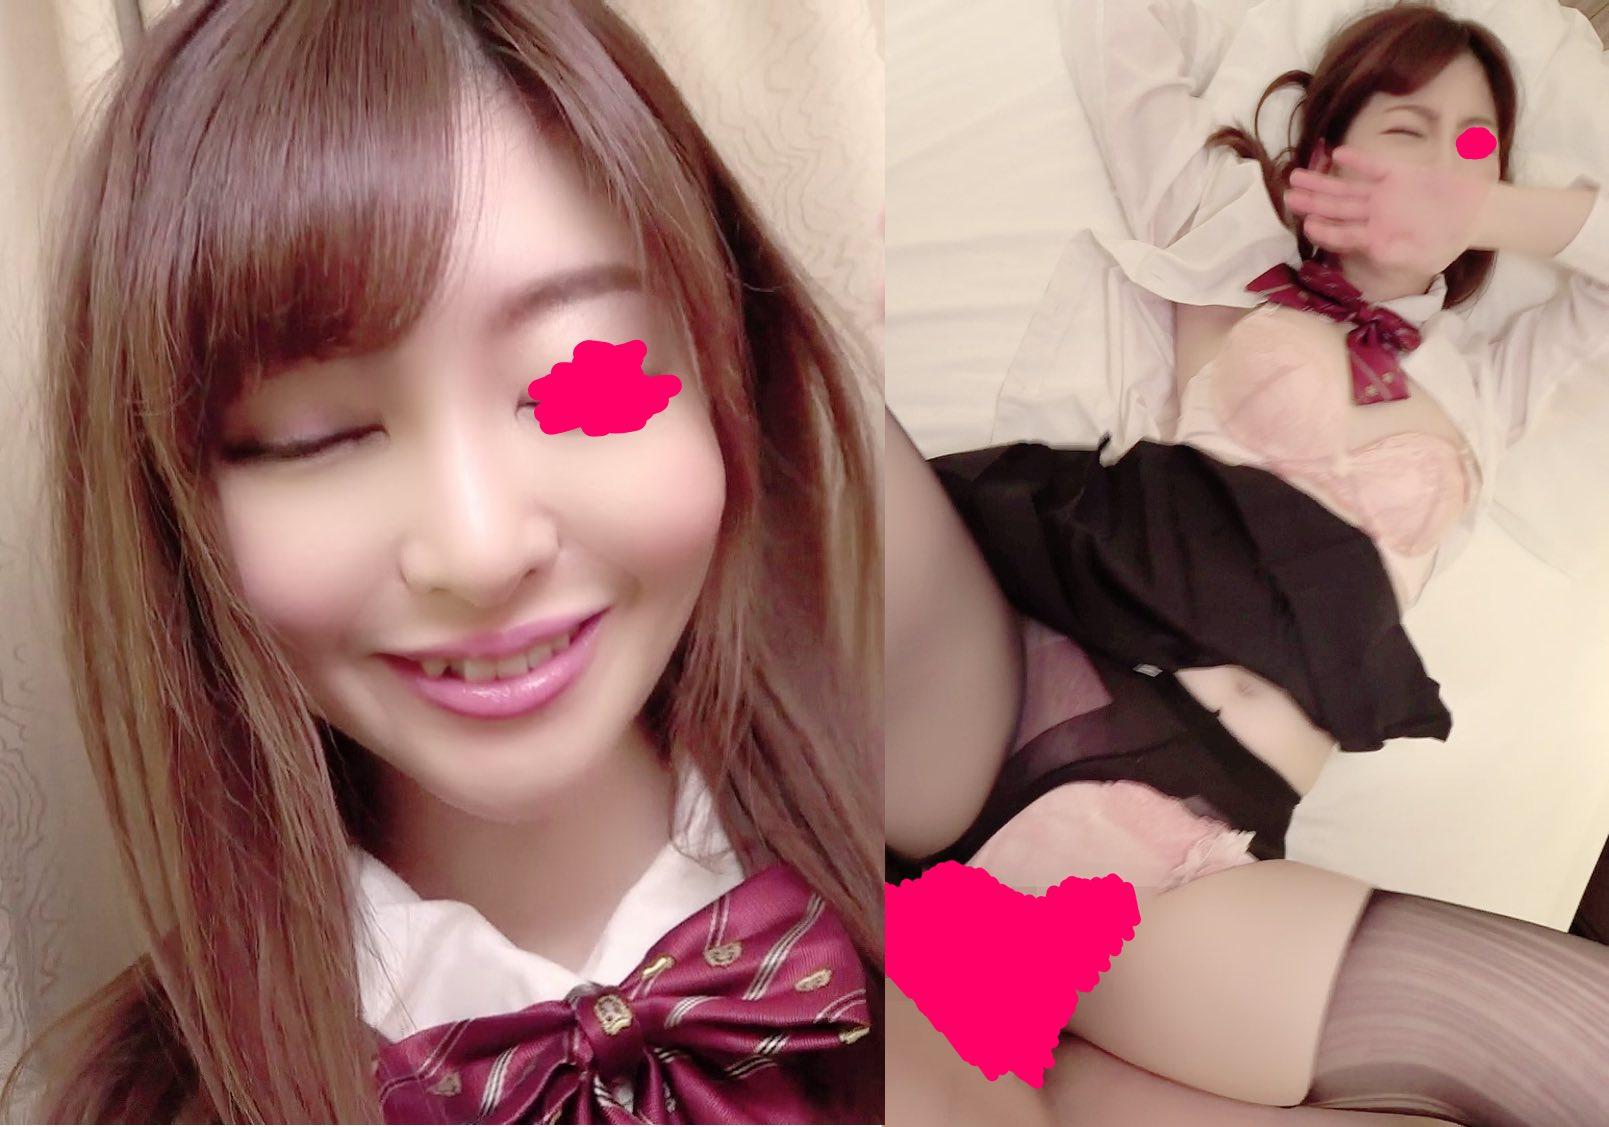 【流出】円○光大好き女子K生とラブホで即合体!種付けラブラブセックス